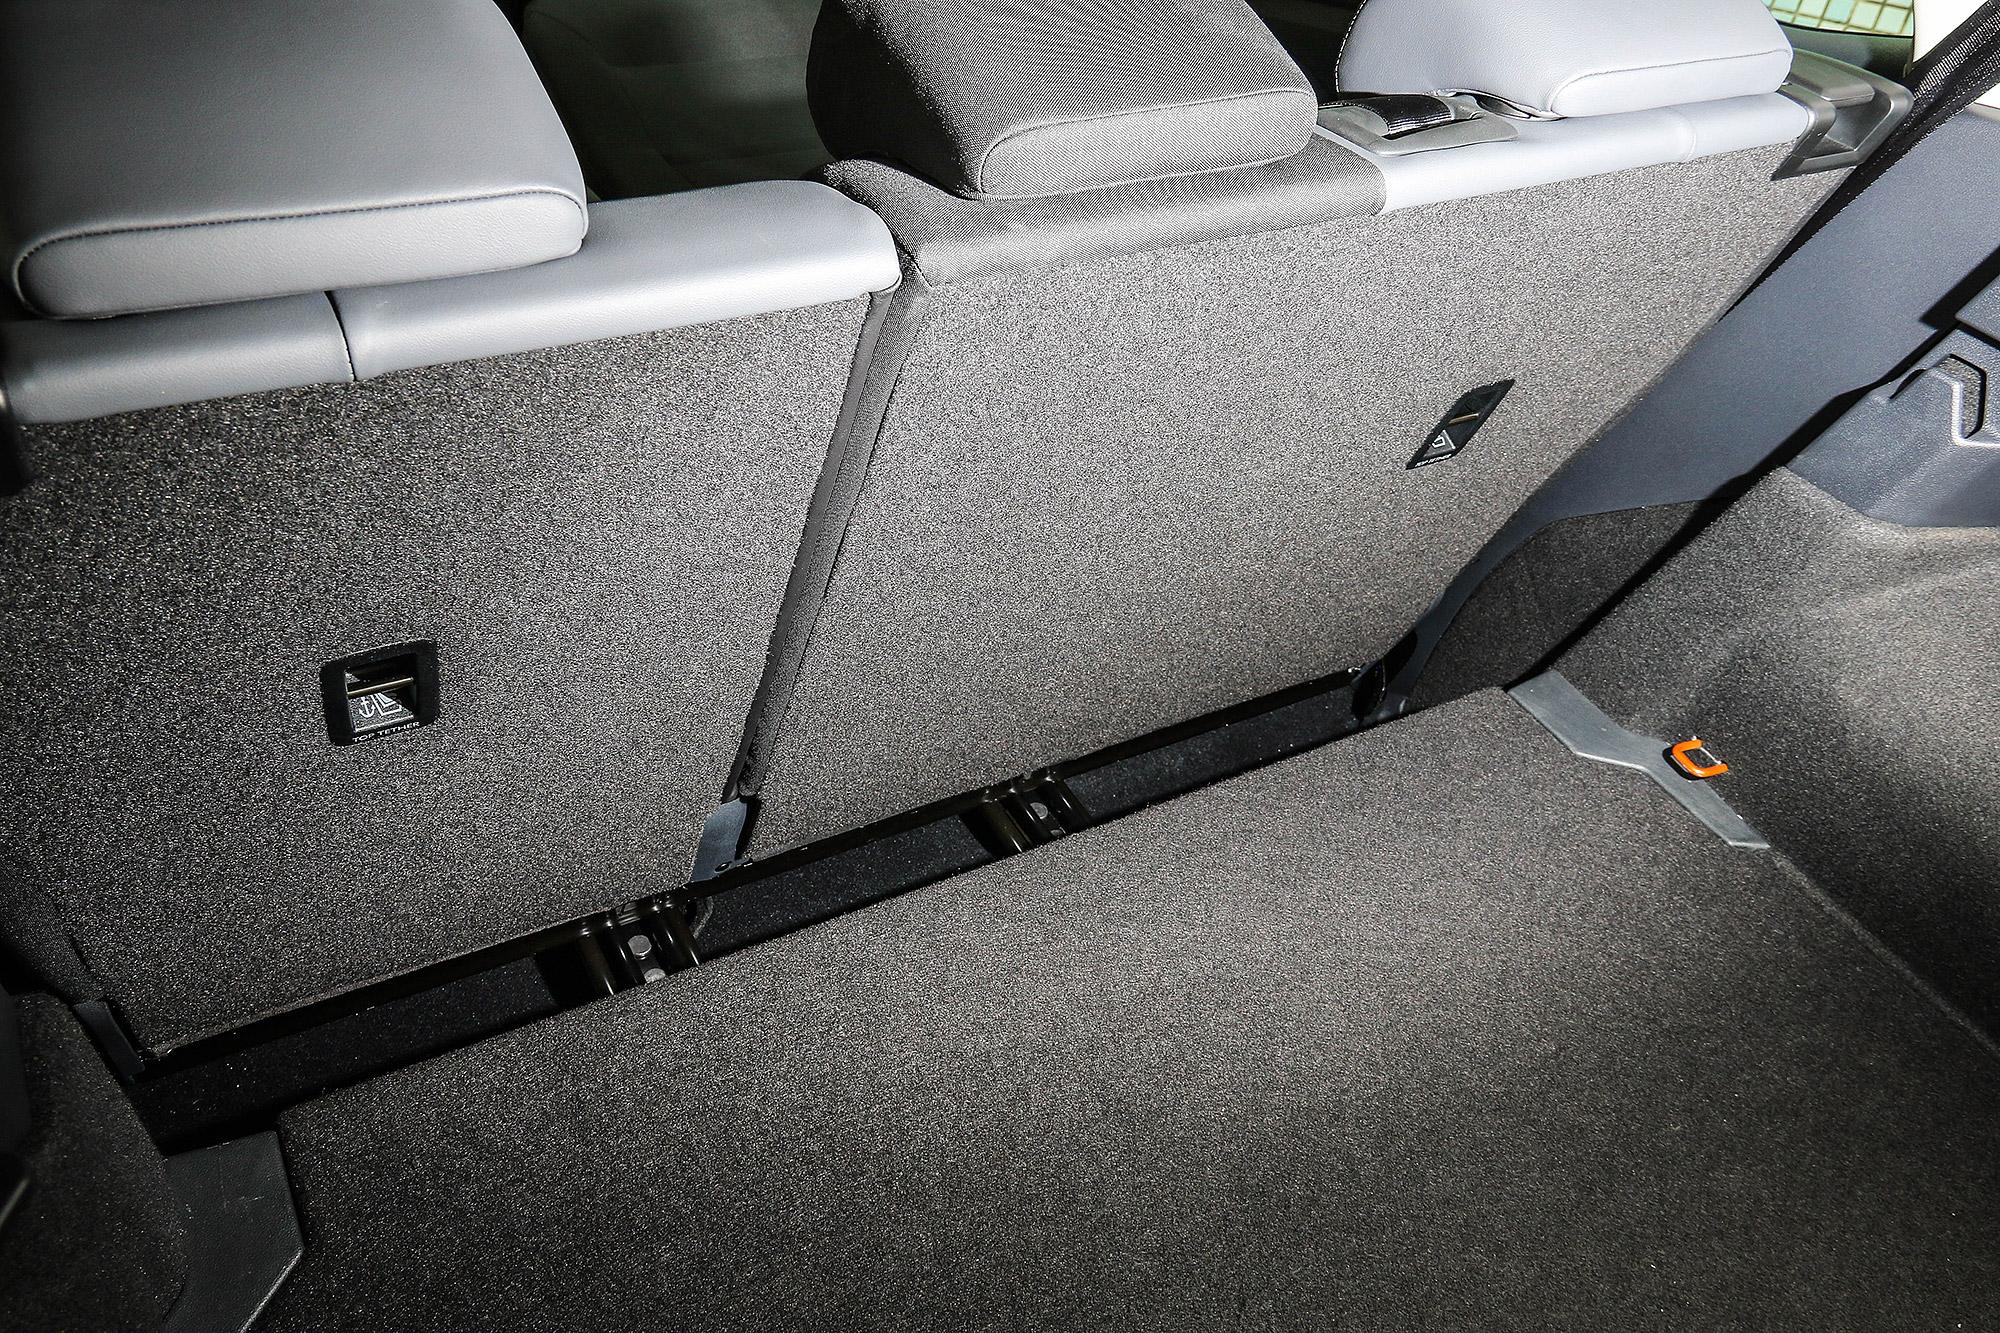 後座向前拉時會與行李廂底板產生一道間隙。